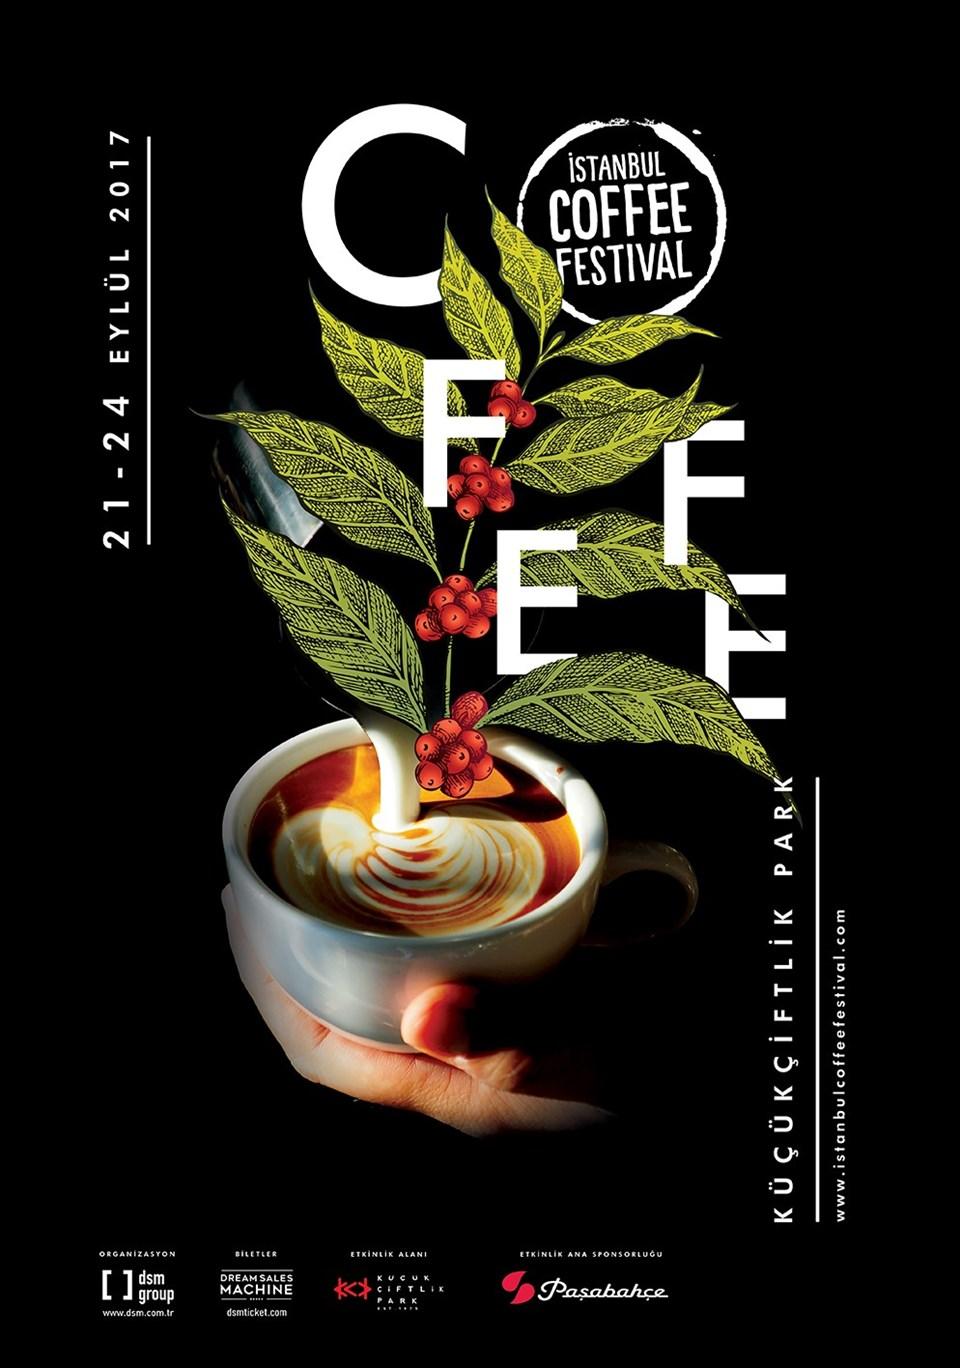 Dünyanın farklı ülkelerinden gelen kahve eksperleri, deneyim ve bilgilerini profesyonel katılımcılarla paylaşacak